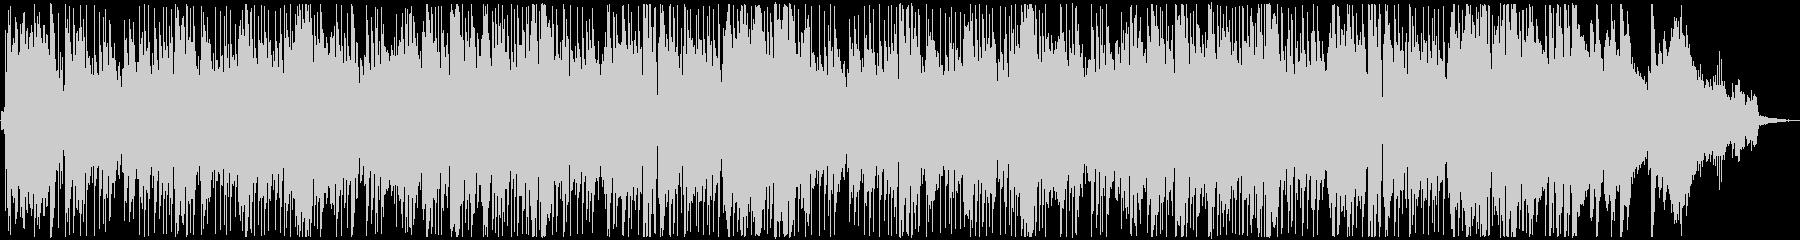 和風な三味線のジャズ風ジングルベルの未再生の波形